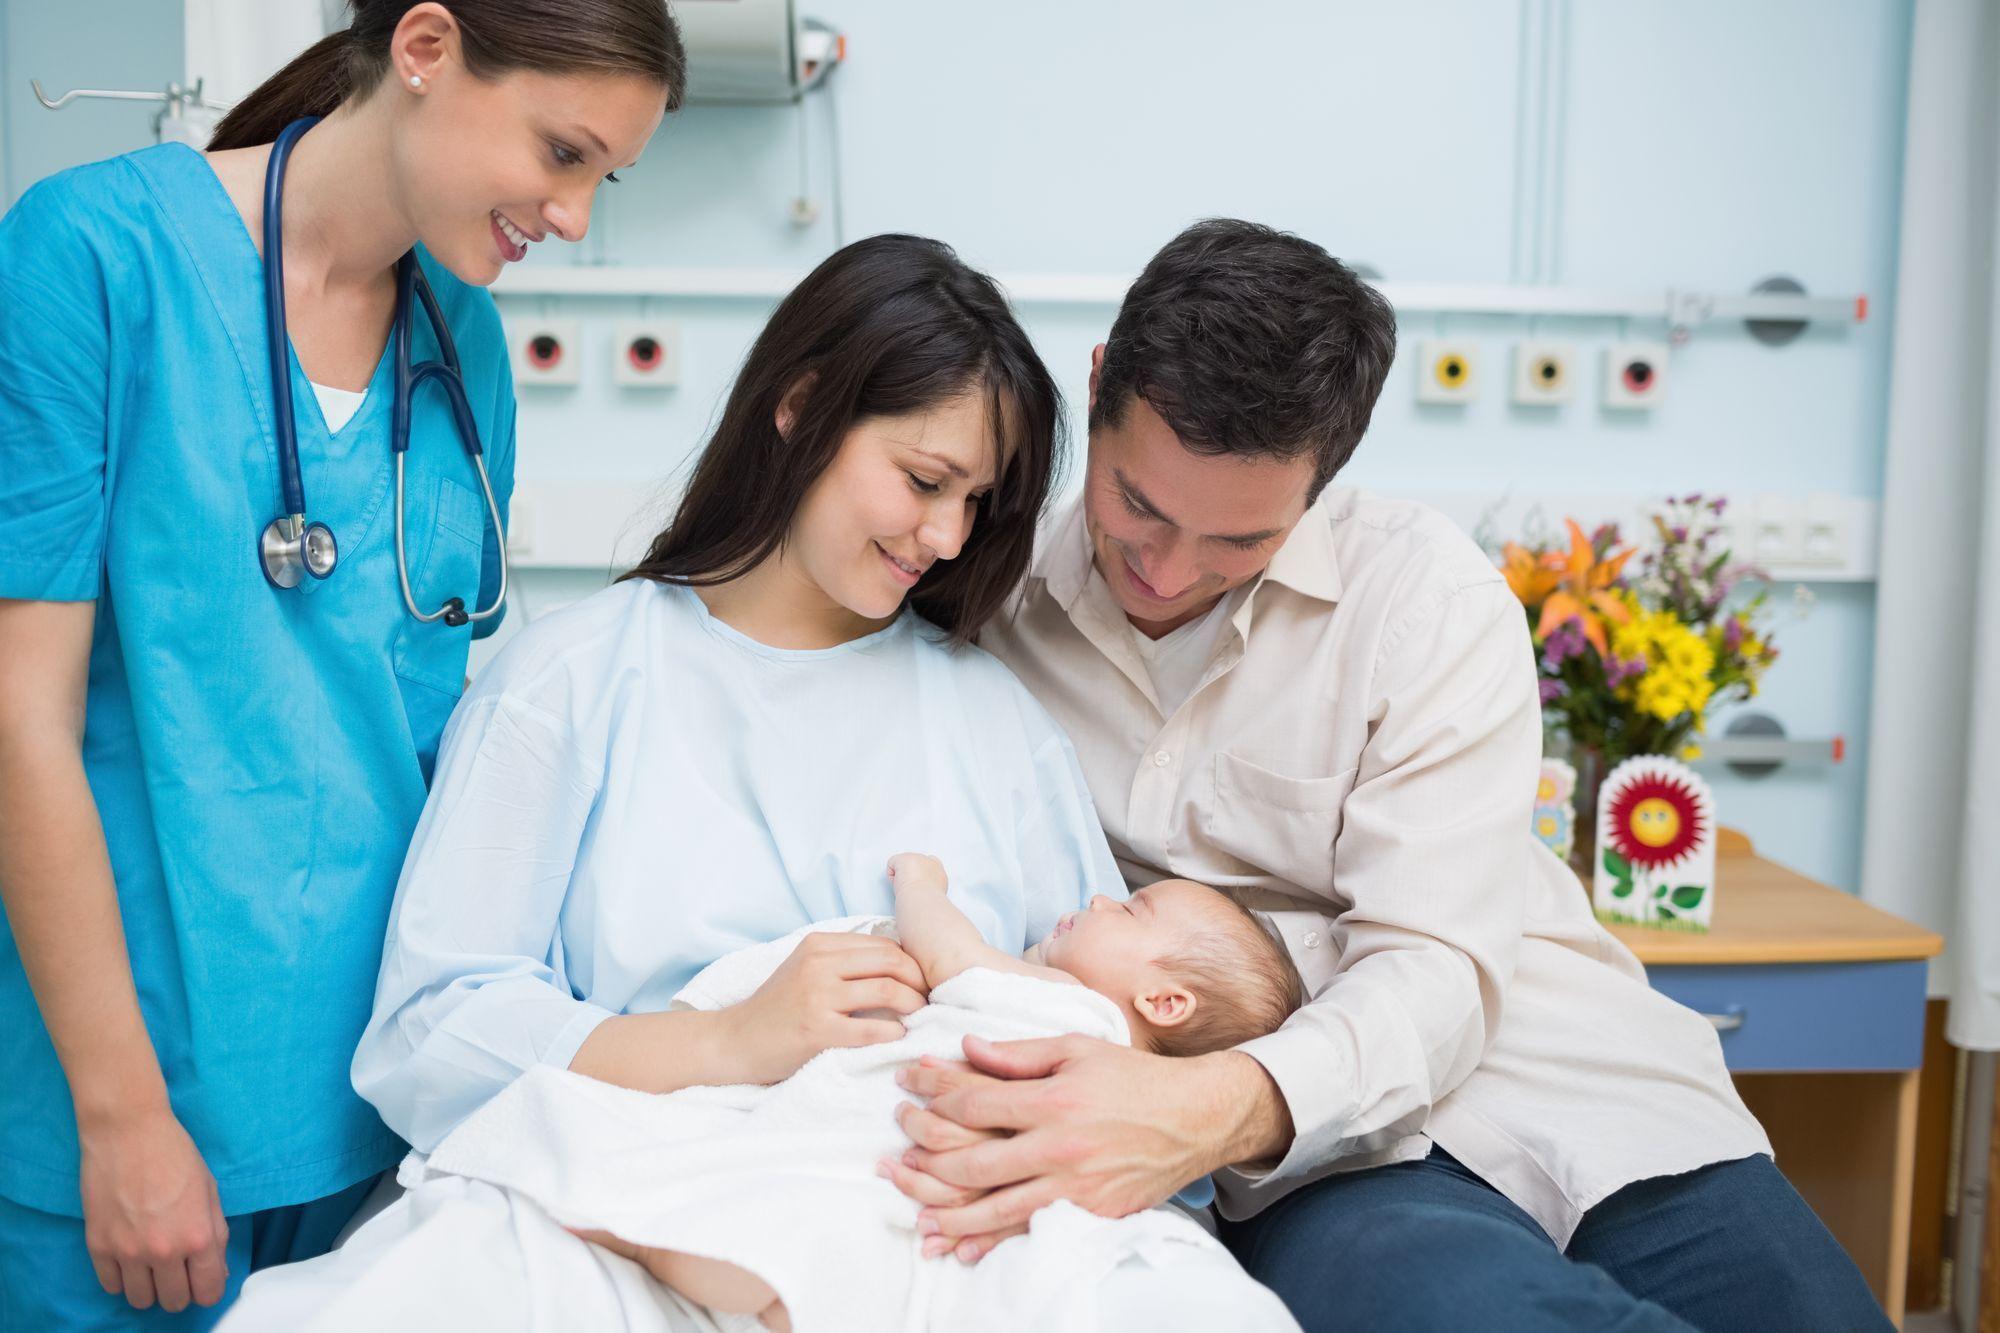 Vì thế, sau khi kiểm tra và bạn đủ điều kiện để sinh thường cho lần mang thai thứ 2 này thì đừng từ chối nó.